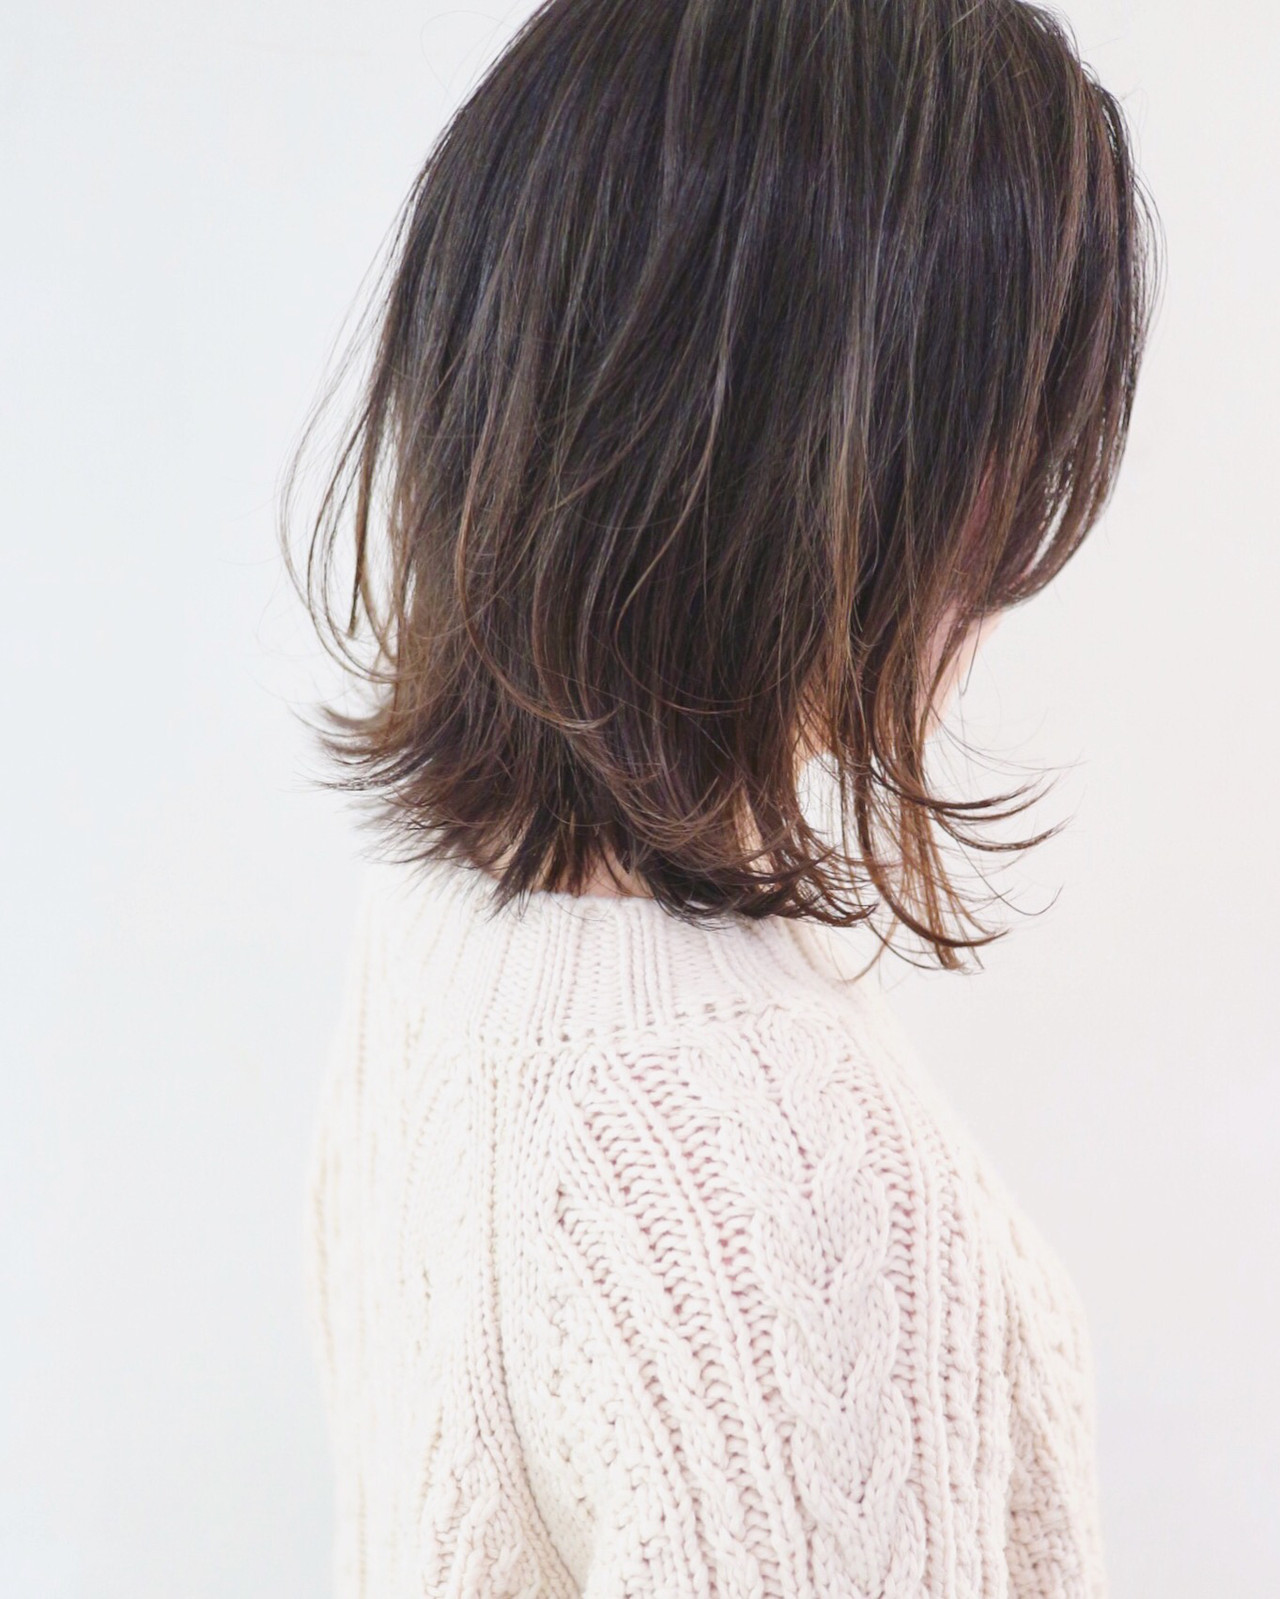 アンニュイほつれヘア フェミニン レイヤーカット ボブ ヘアスタイルや髪型の写真・画像